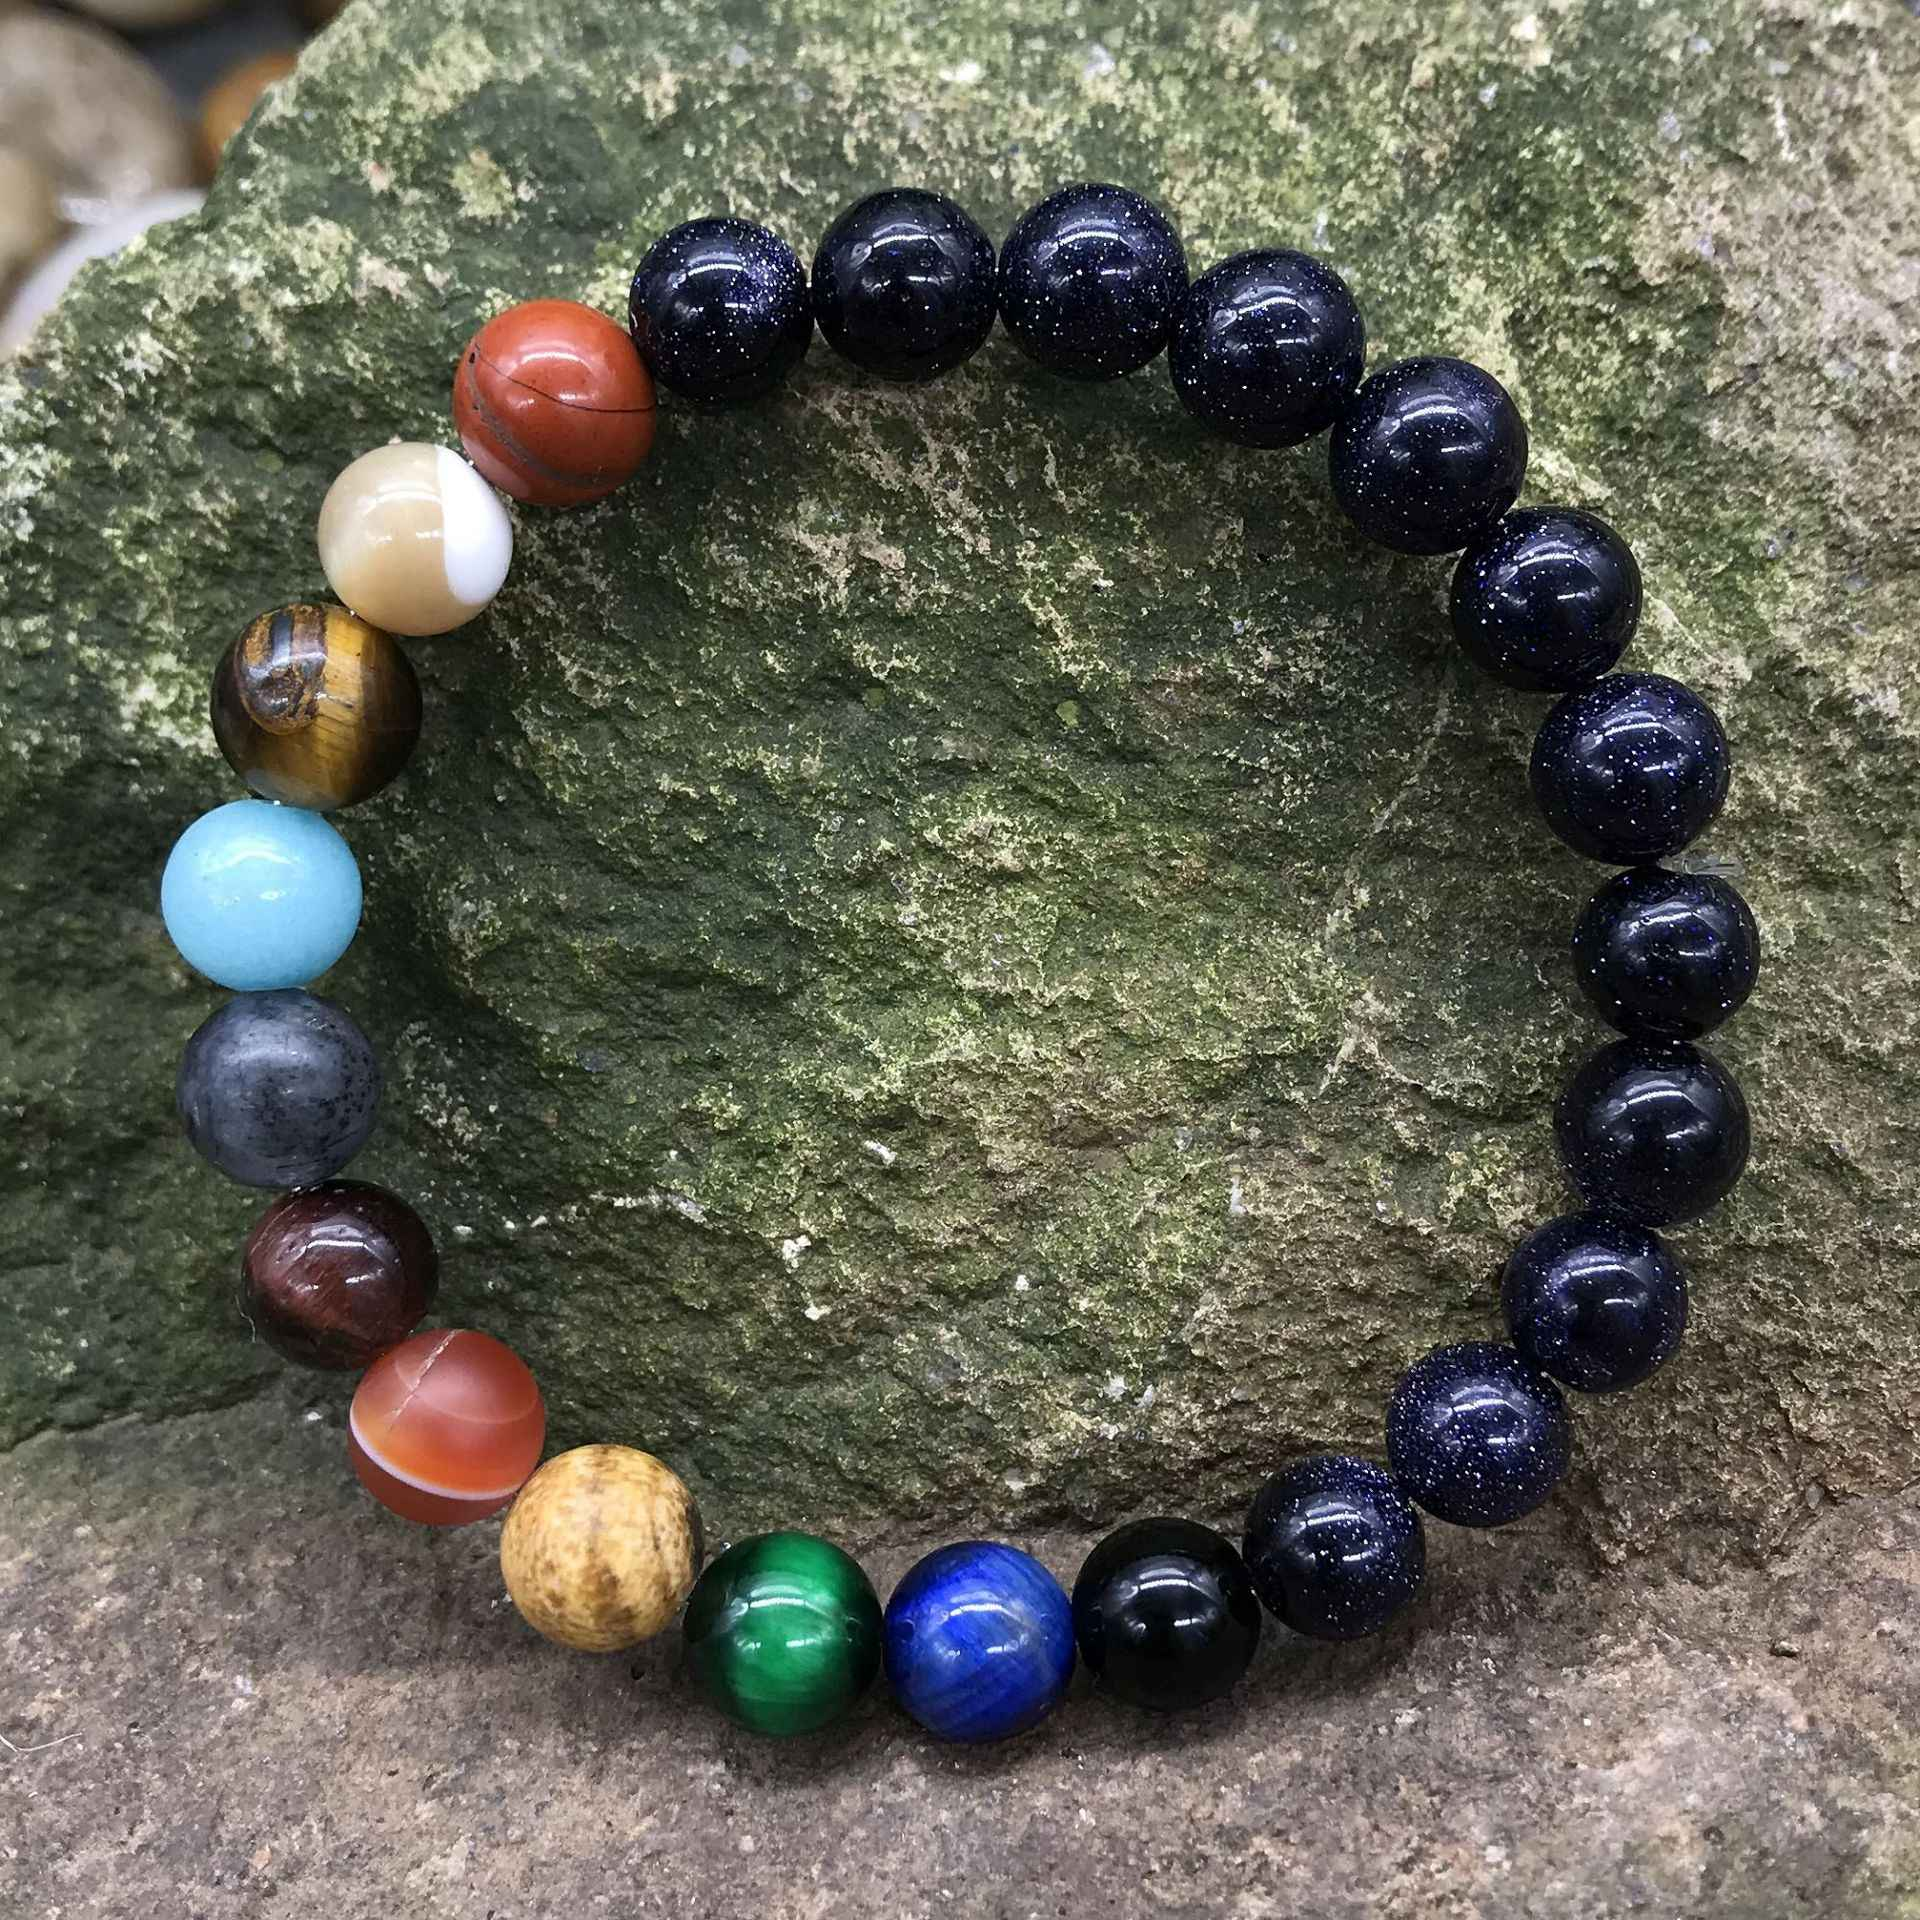 9 planètes pierre naturelle planètes perles Bracelet bracelets Couples bracelets pour femme ou hommes 2019 créatif mode bijoux cadeaux